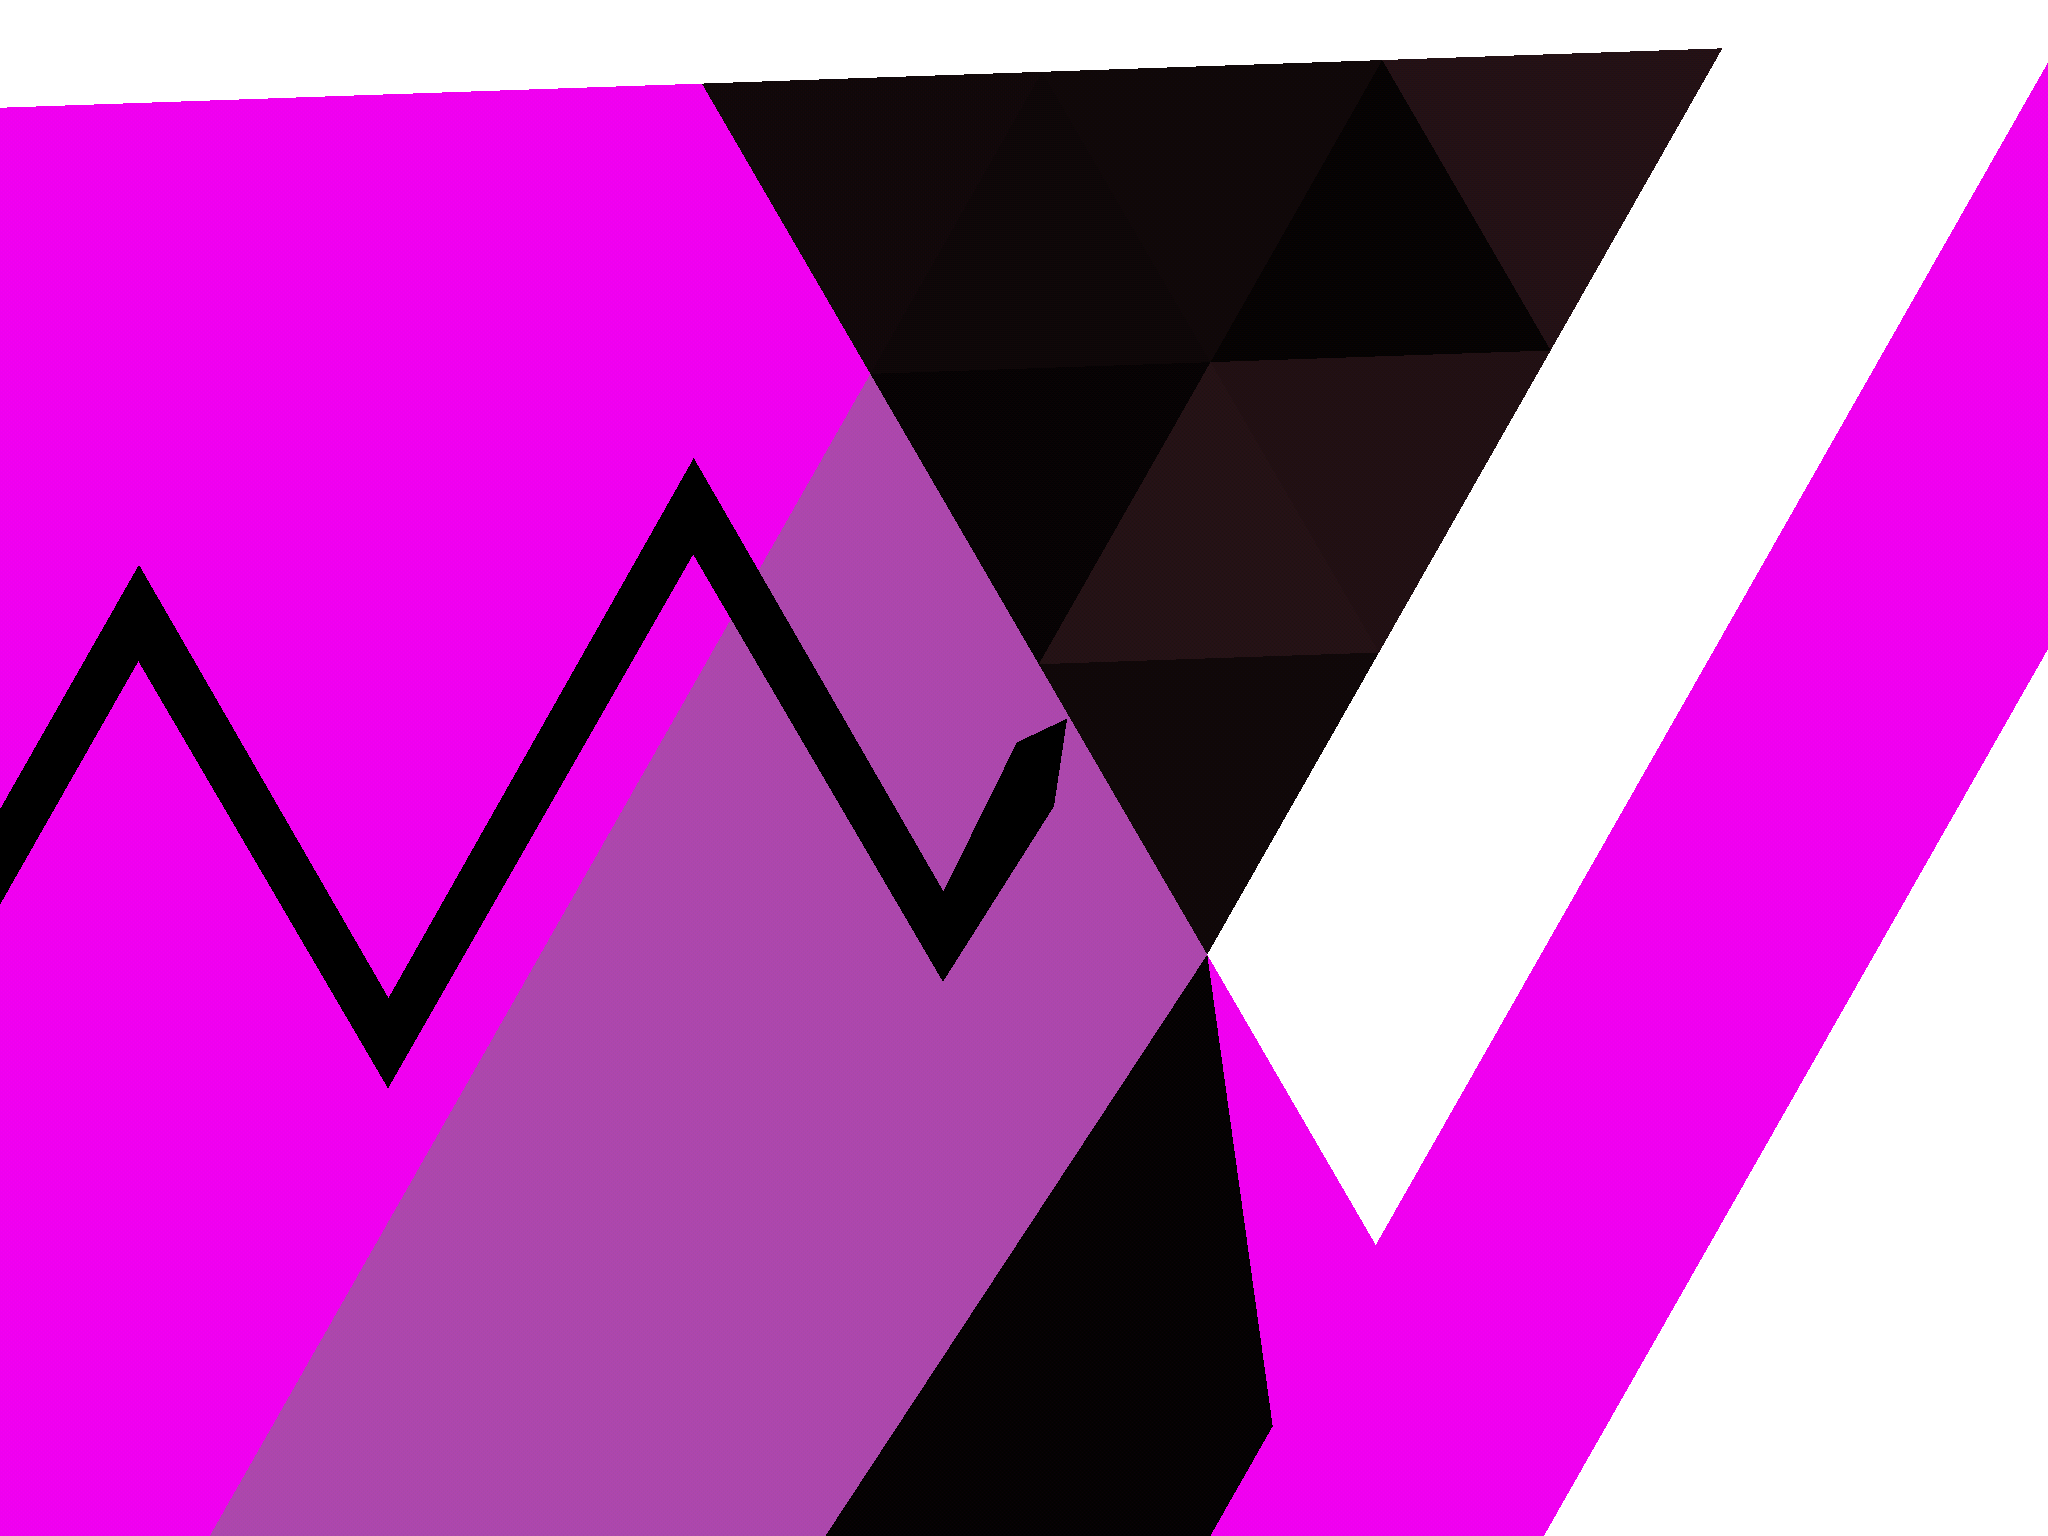 WaveWave_02